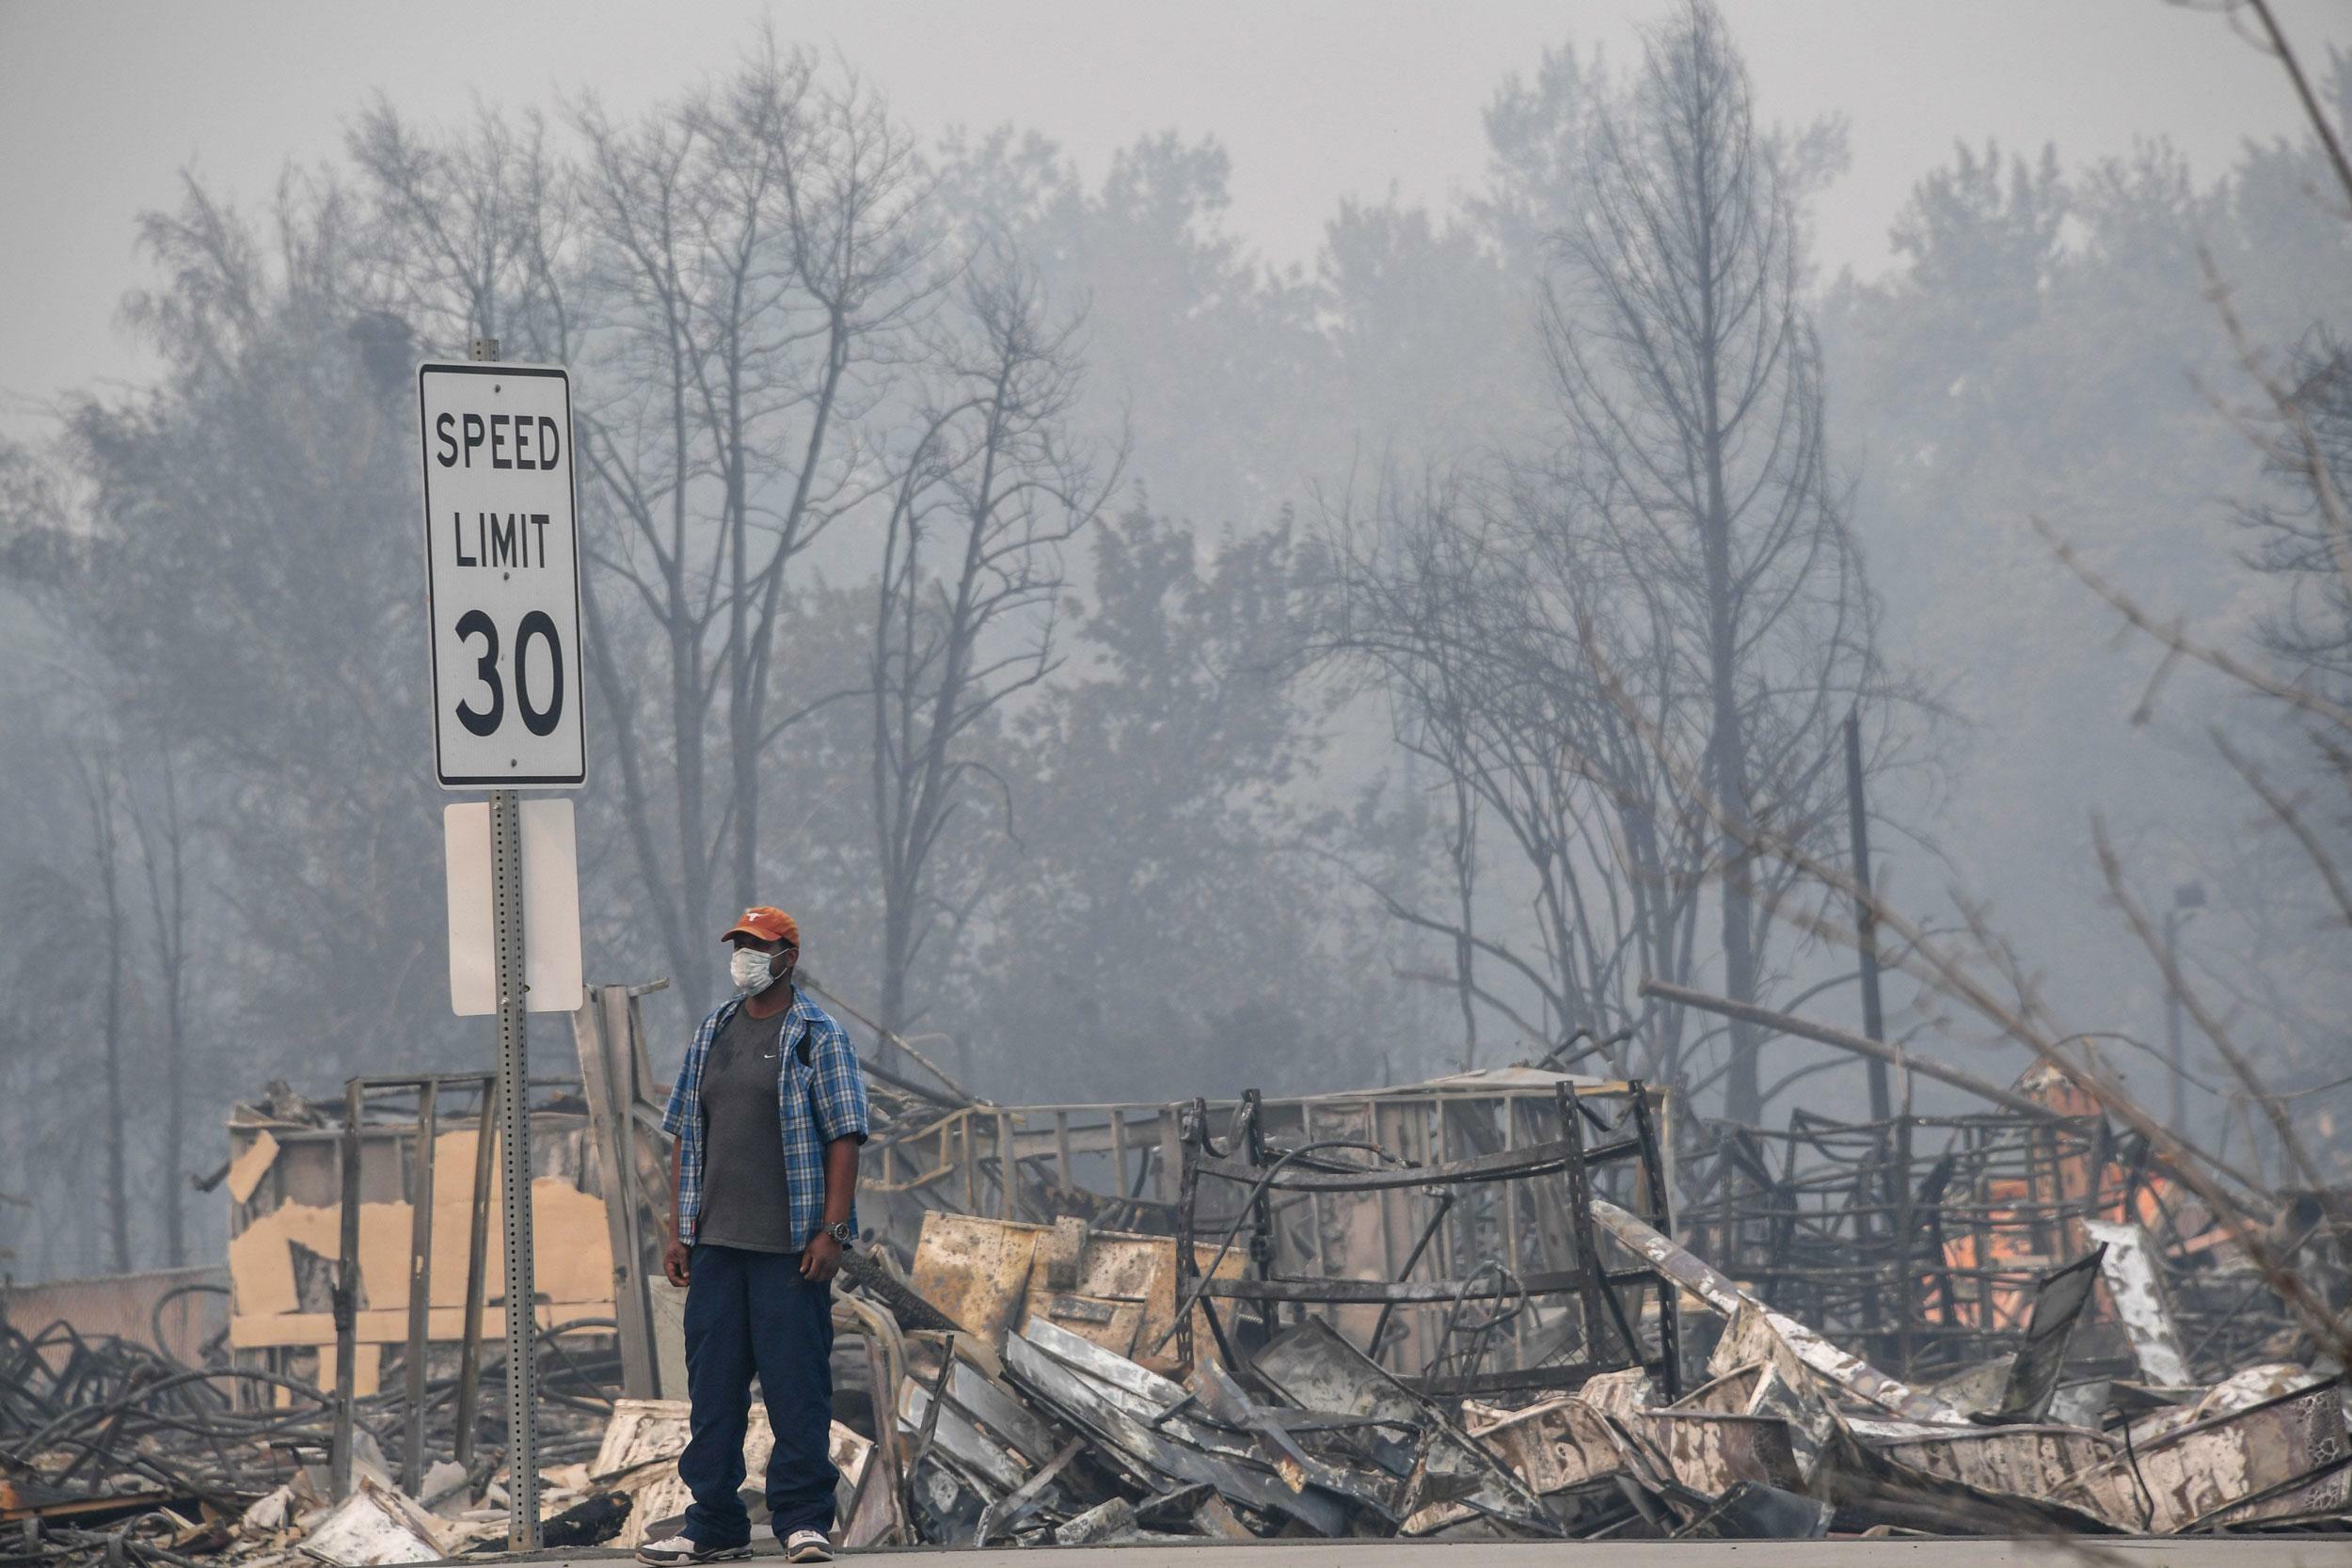 Ein Mann steht vor einer verbrannten Landschaft